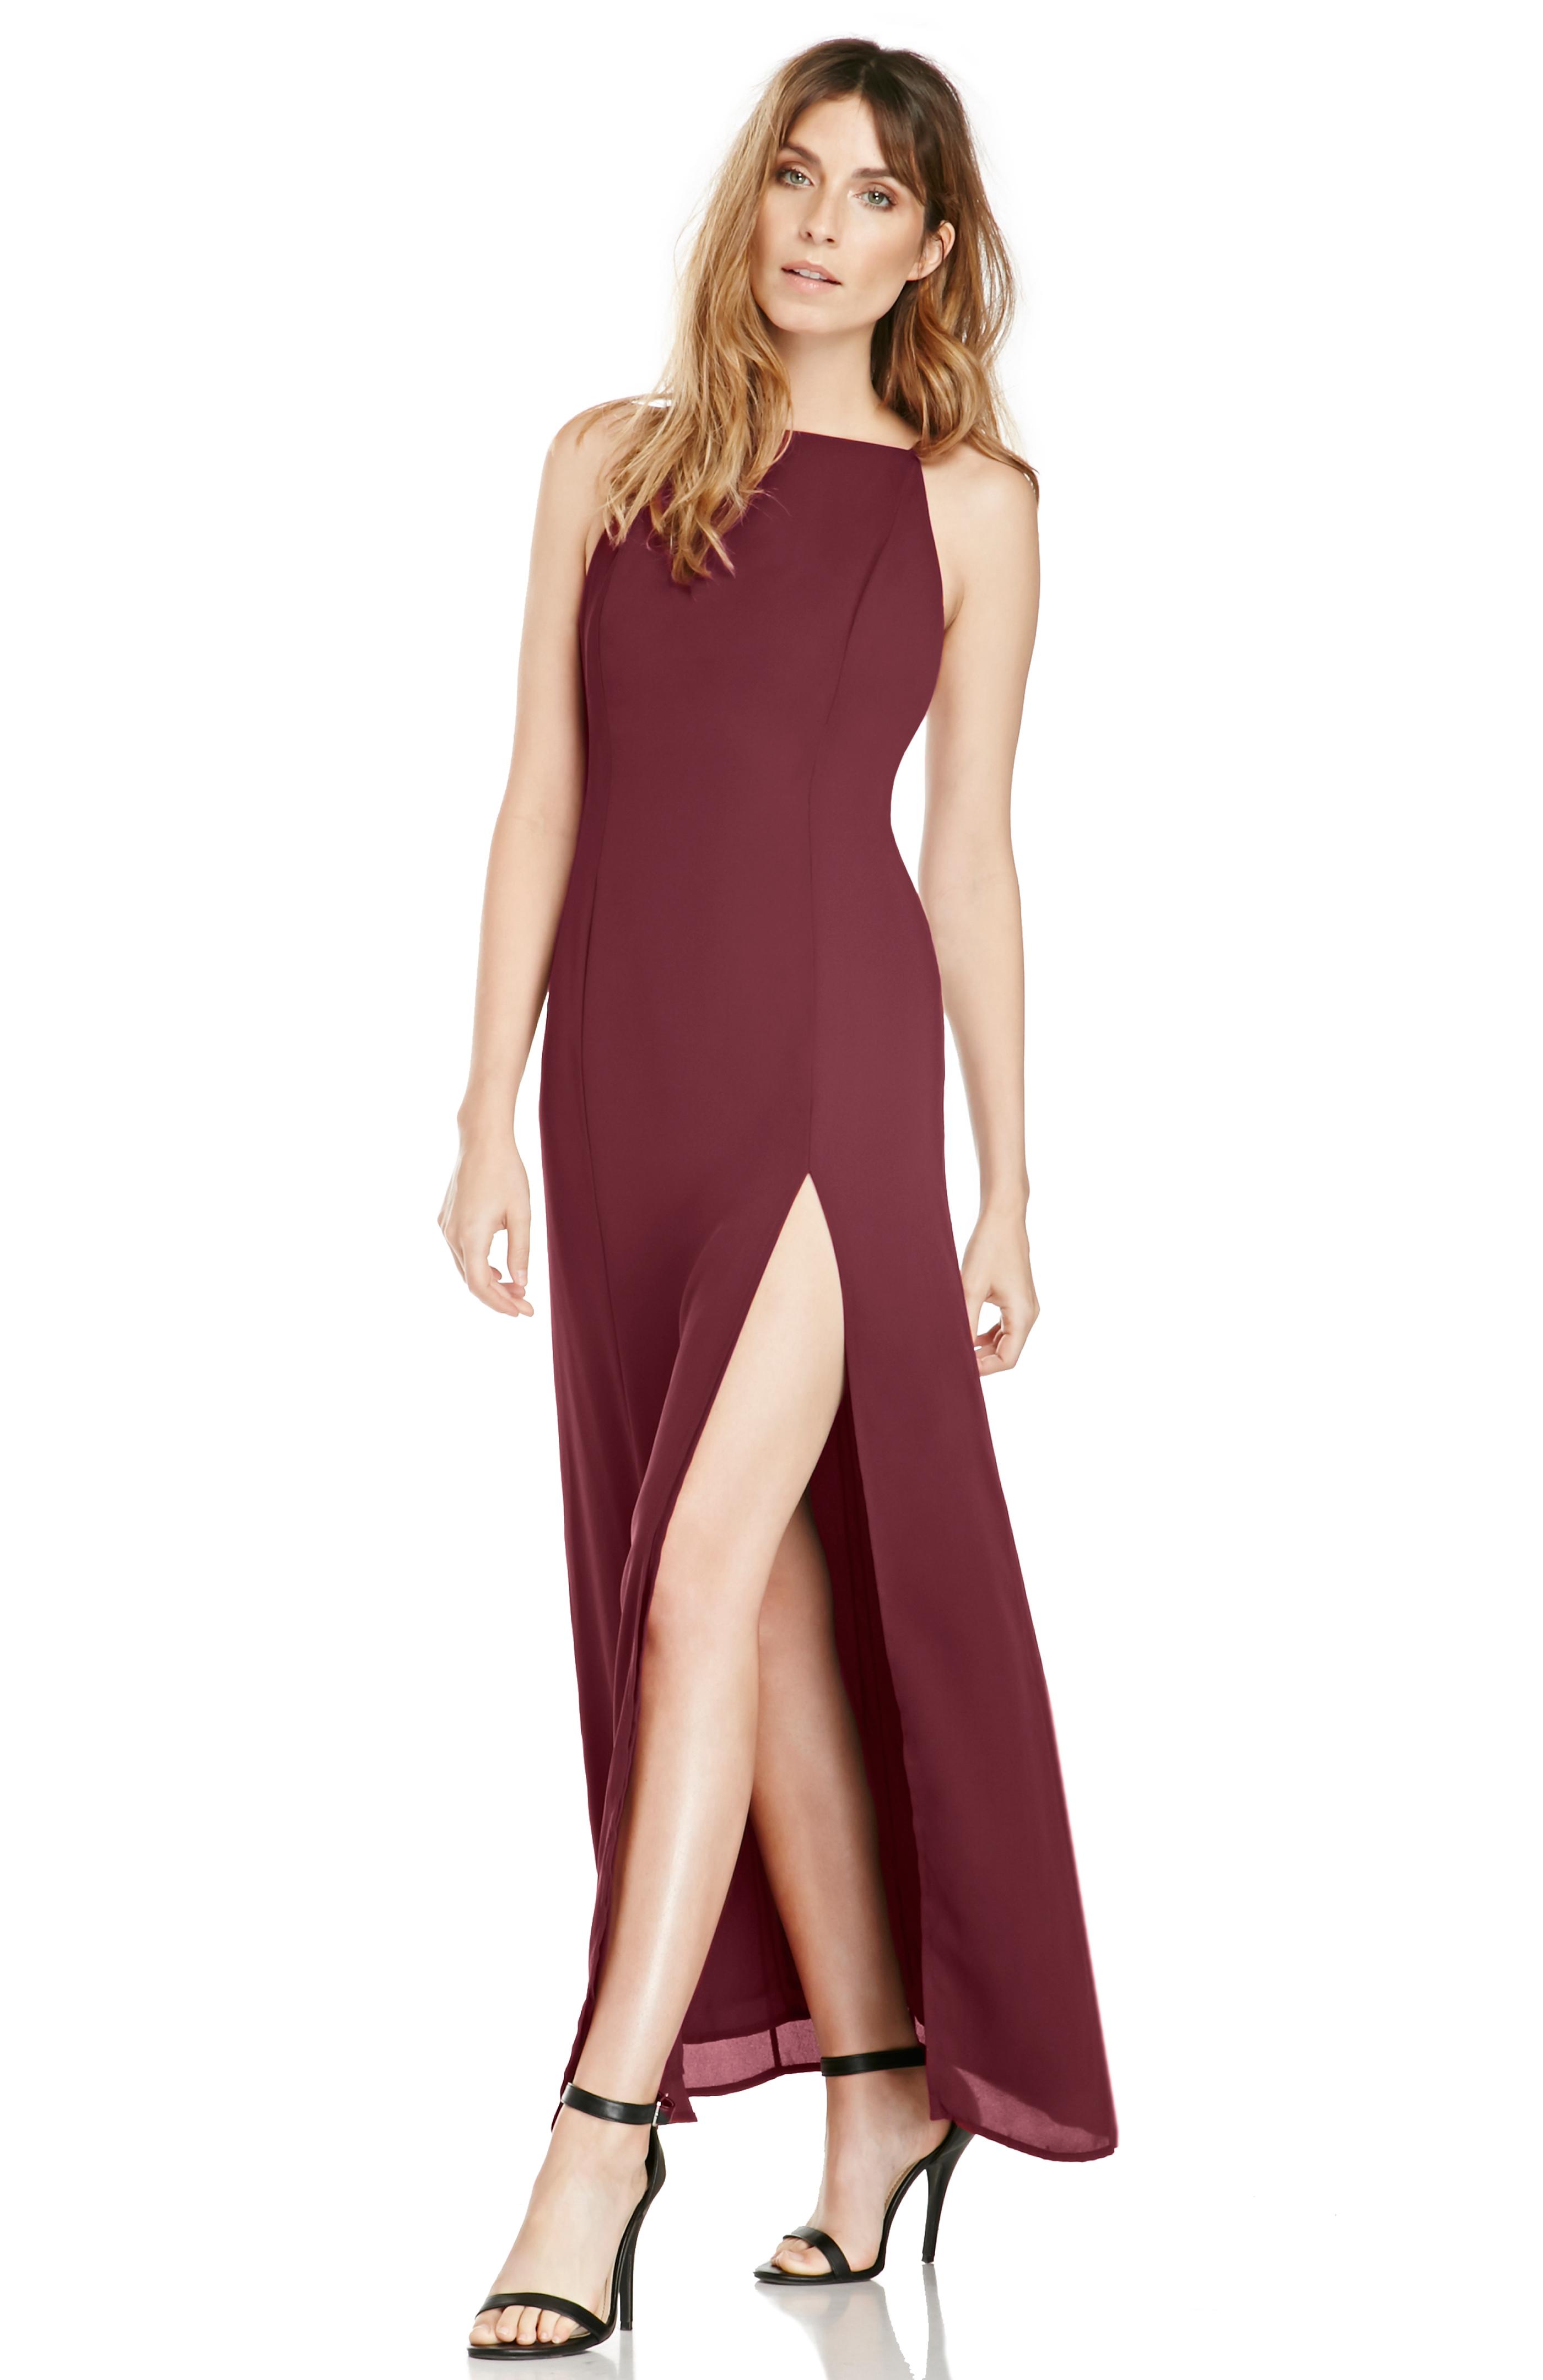 June & Hudson 90's Basic Maxi Dress In Burgundy